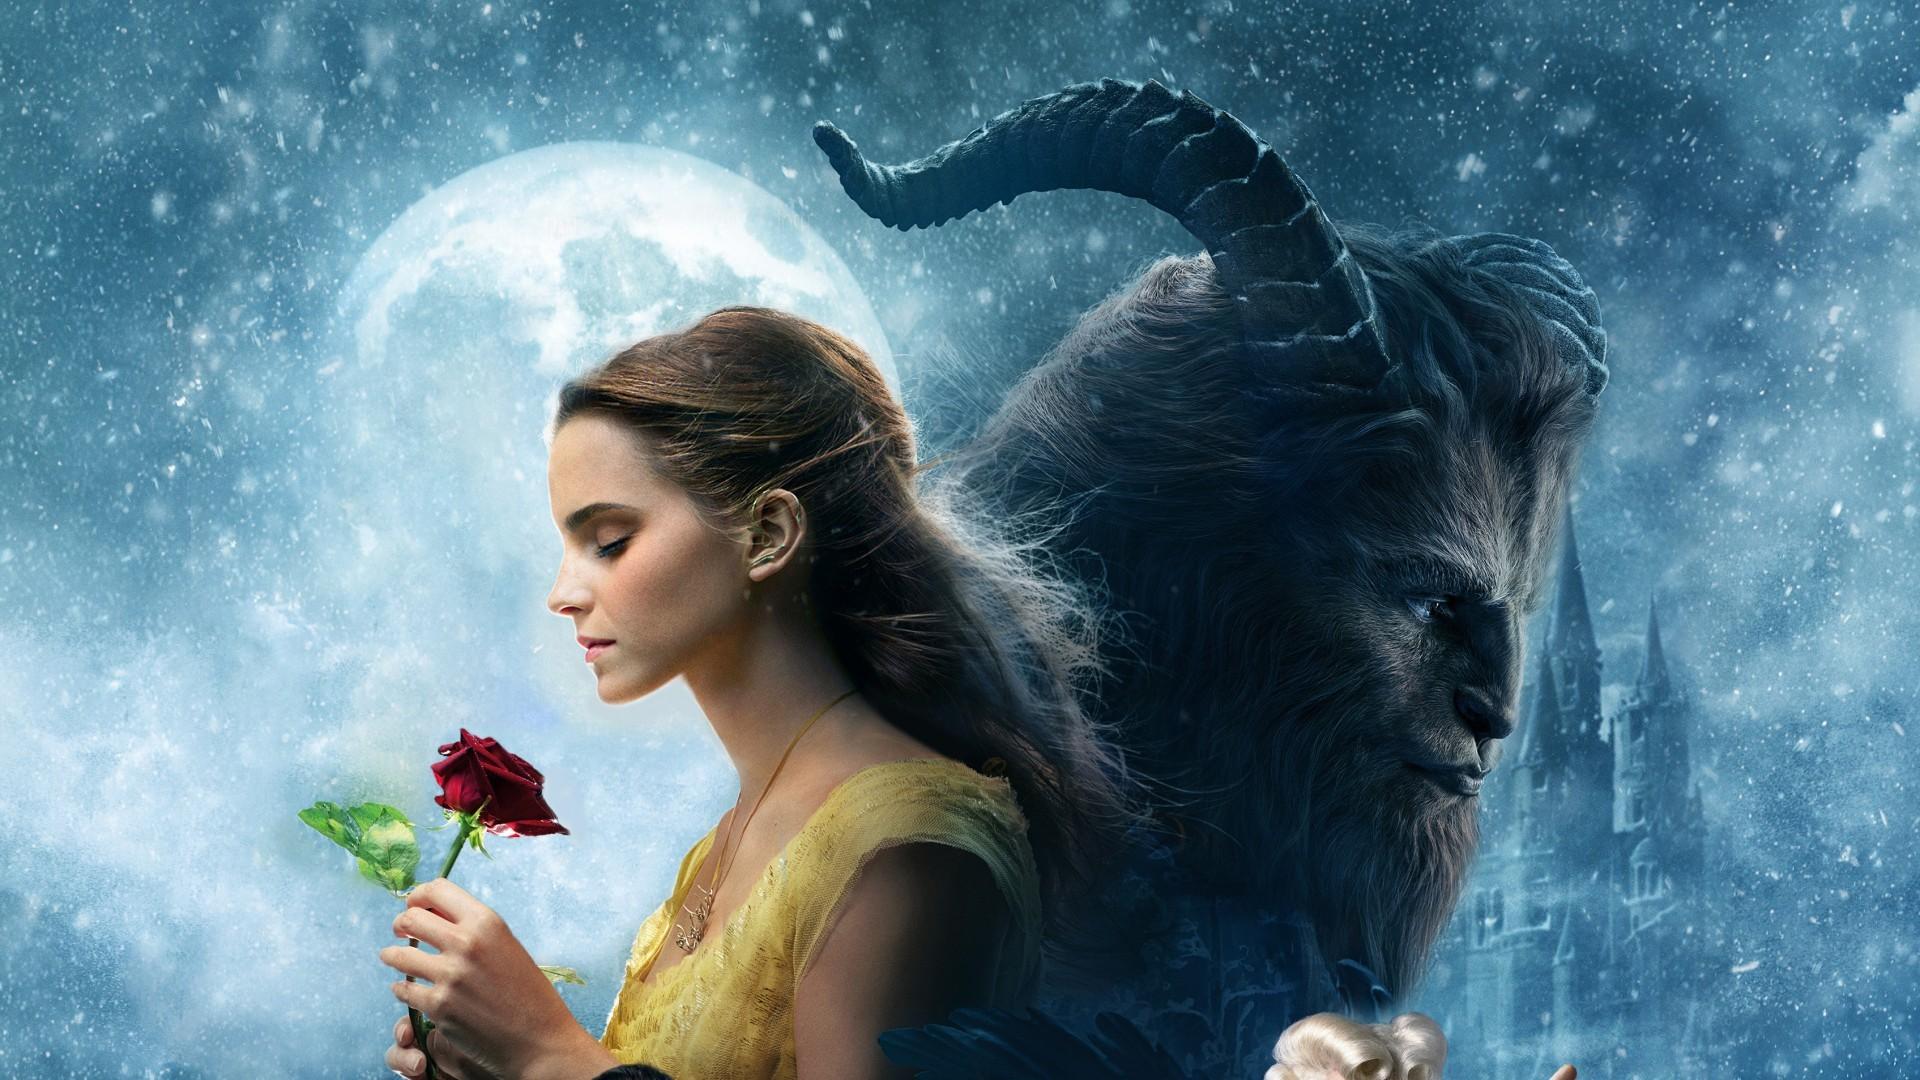 Sfondi Donne Emma Watson Film La Bella E La Bestia Creatura